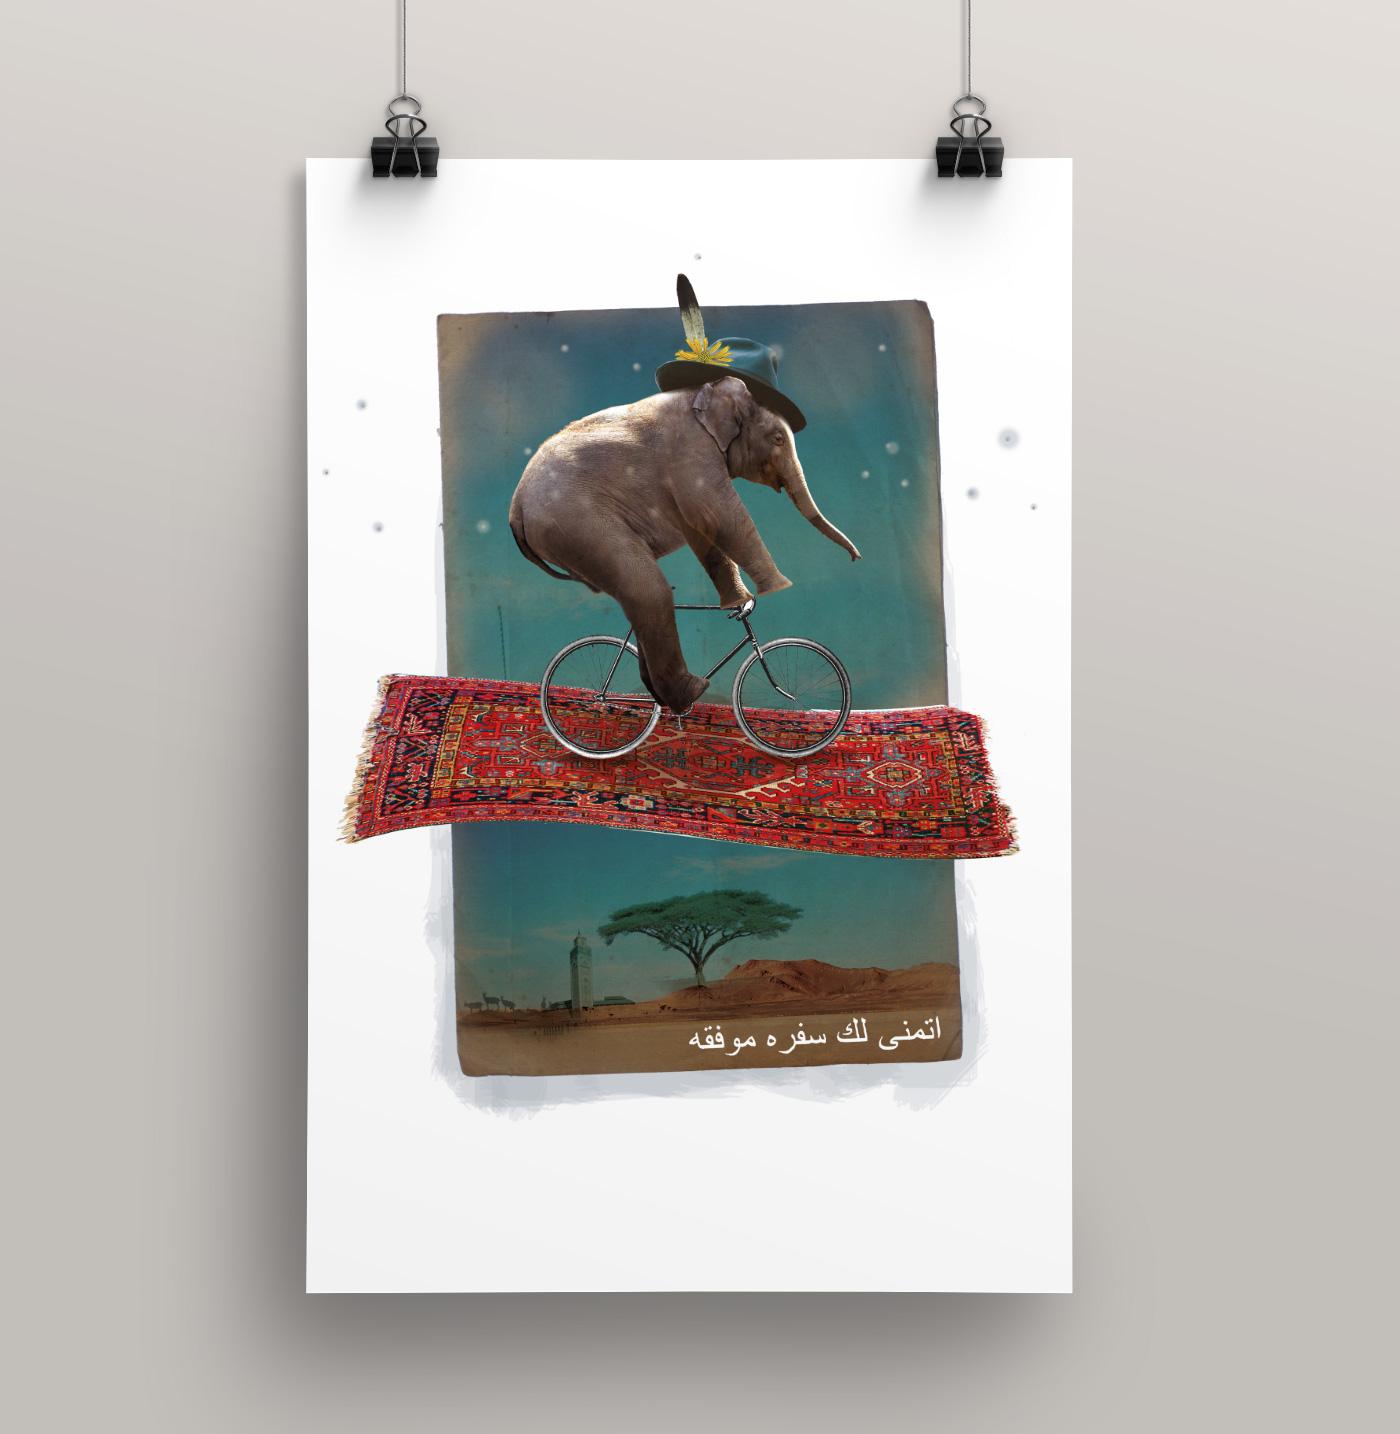 Fahrrad Elefant fliegender Teppich Collage